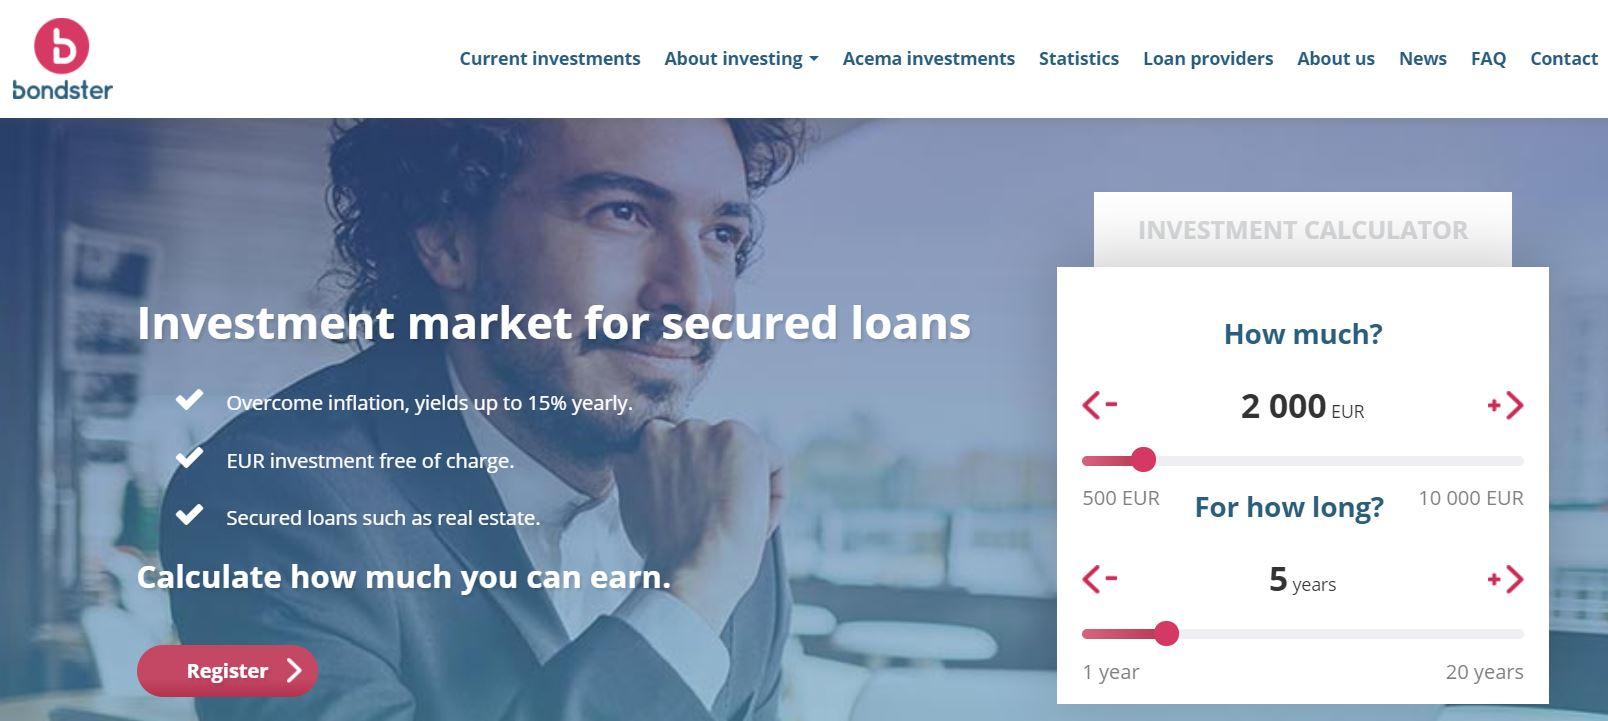 bondster p2p lending